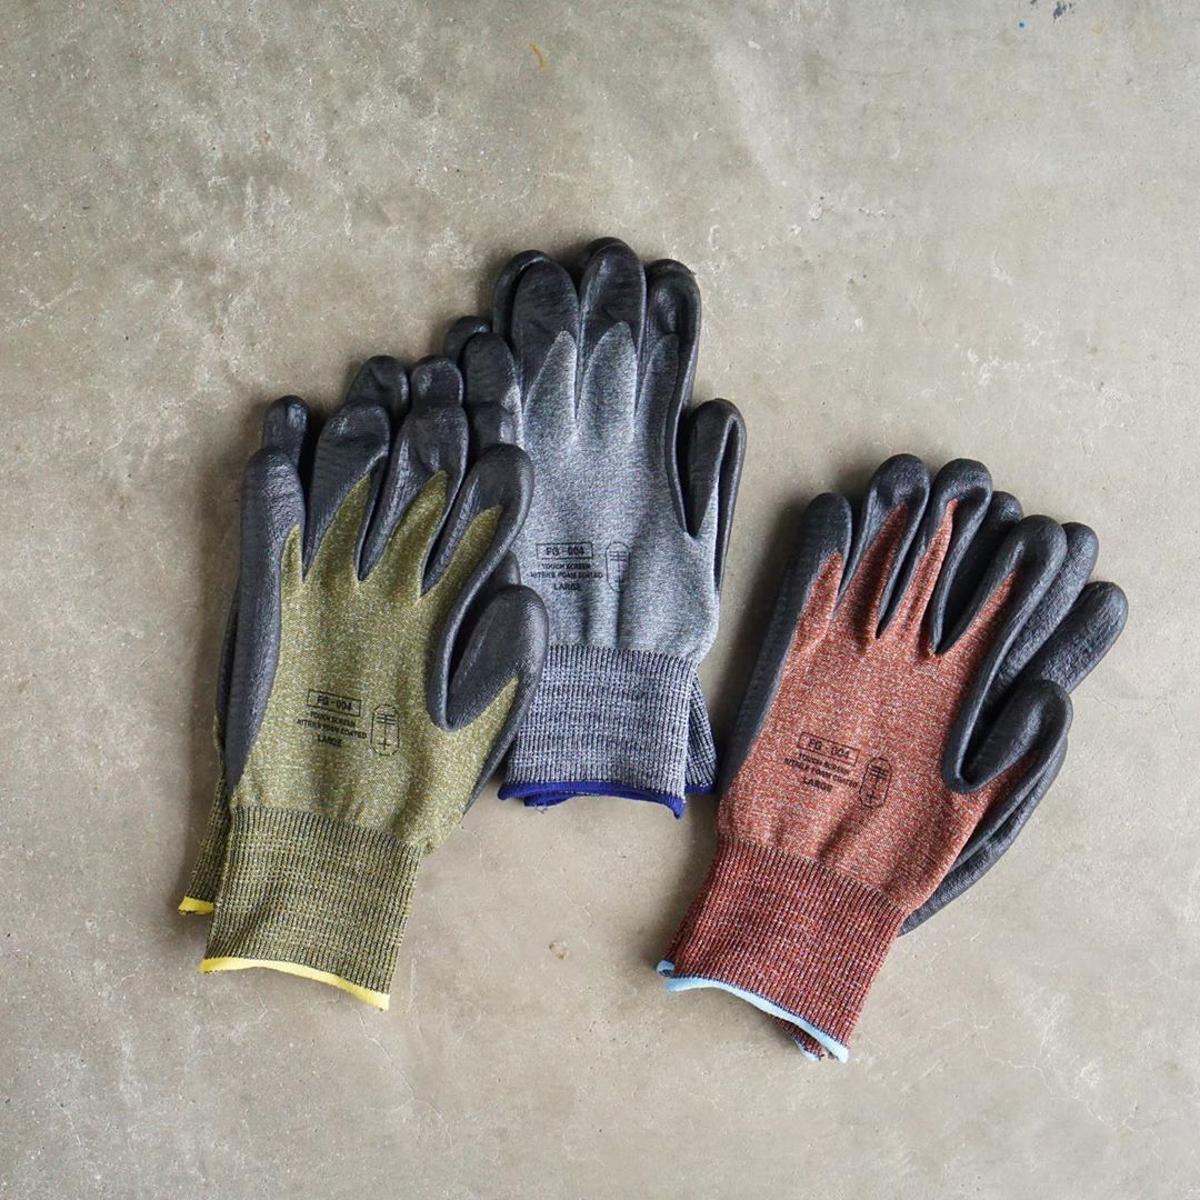 オシャレな作業用手袋『workers gloves(ワーカーズグローブ)』|【ガーデニング用品特集】心と身体を整える趣味の世界にようこそ。収納バスケットやホースなど、おしゃれグッズ5選